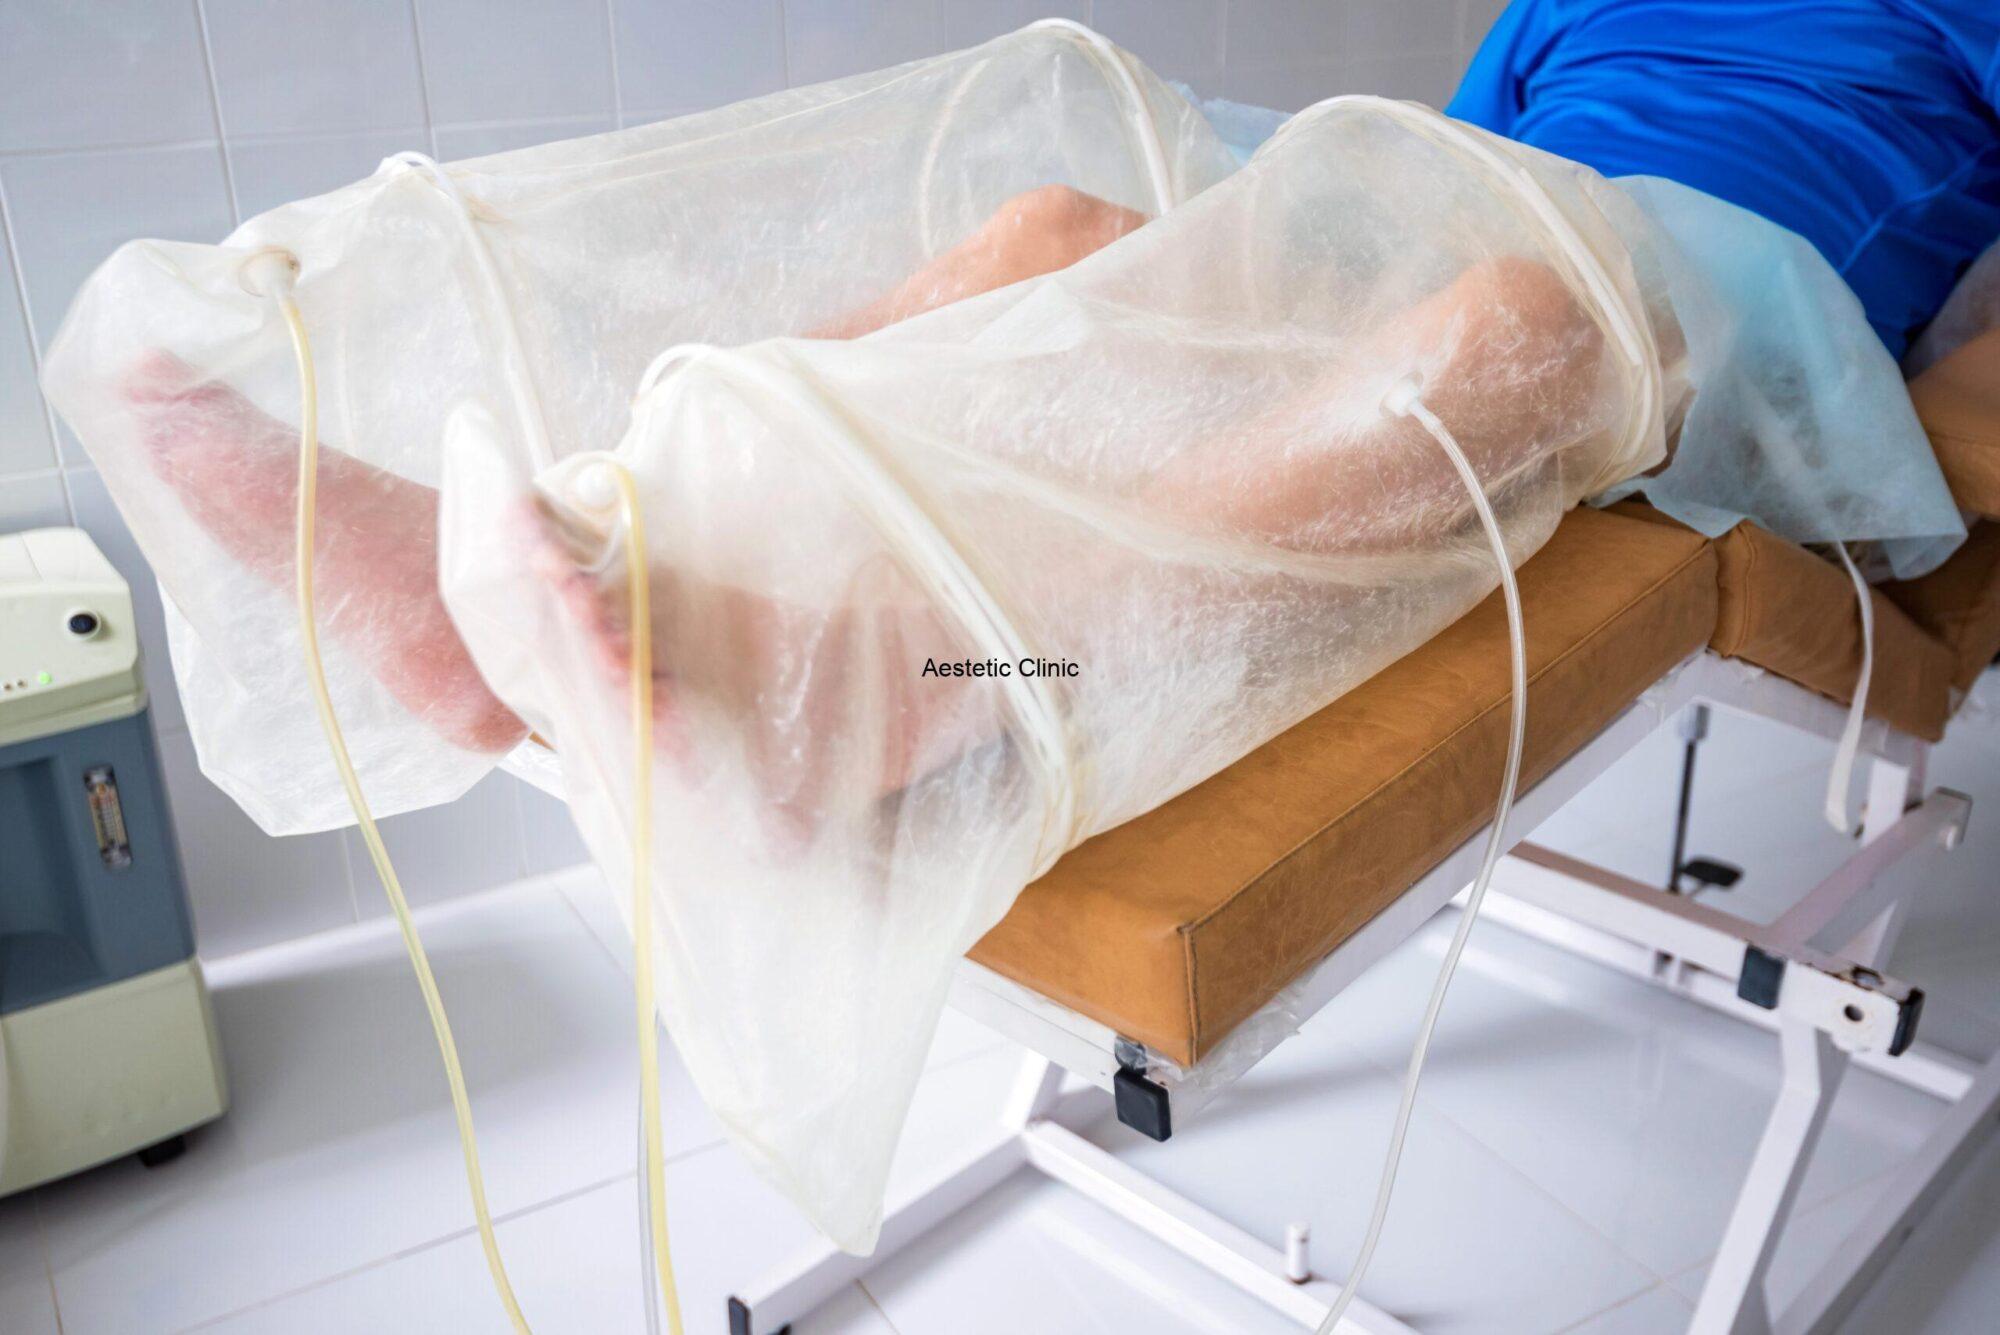 ozonoterapia, leczenie ozonem, ozonowanie krwi